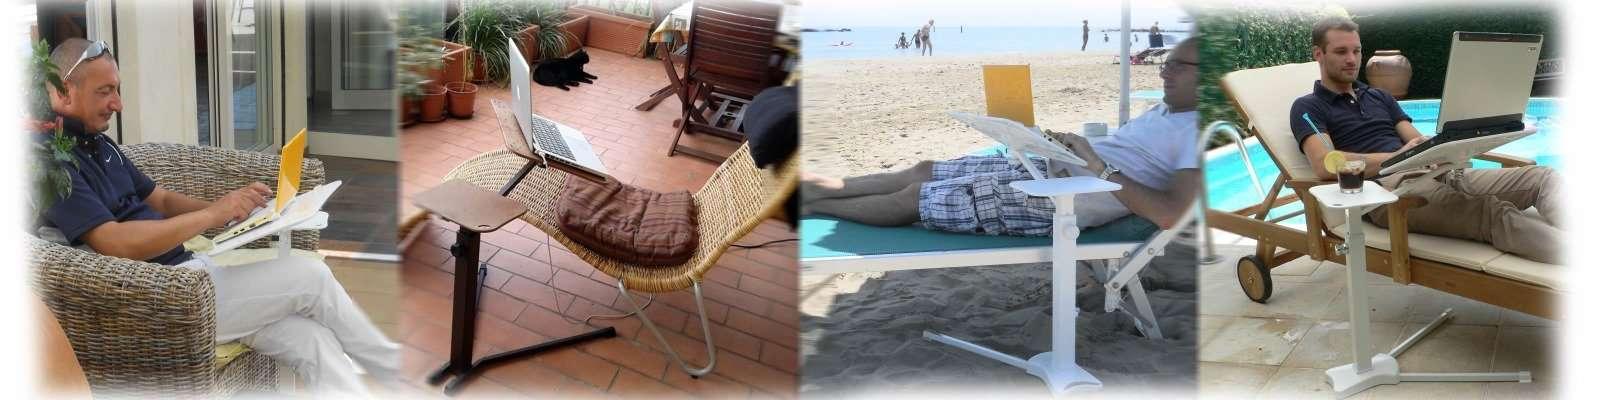 utilizați laptop-ul în aer liber pe grădină, pe terasă, pe plajă, în club, la piscină